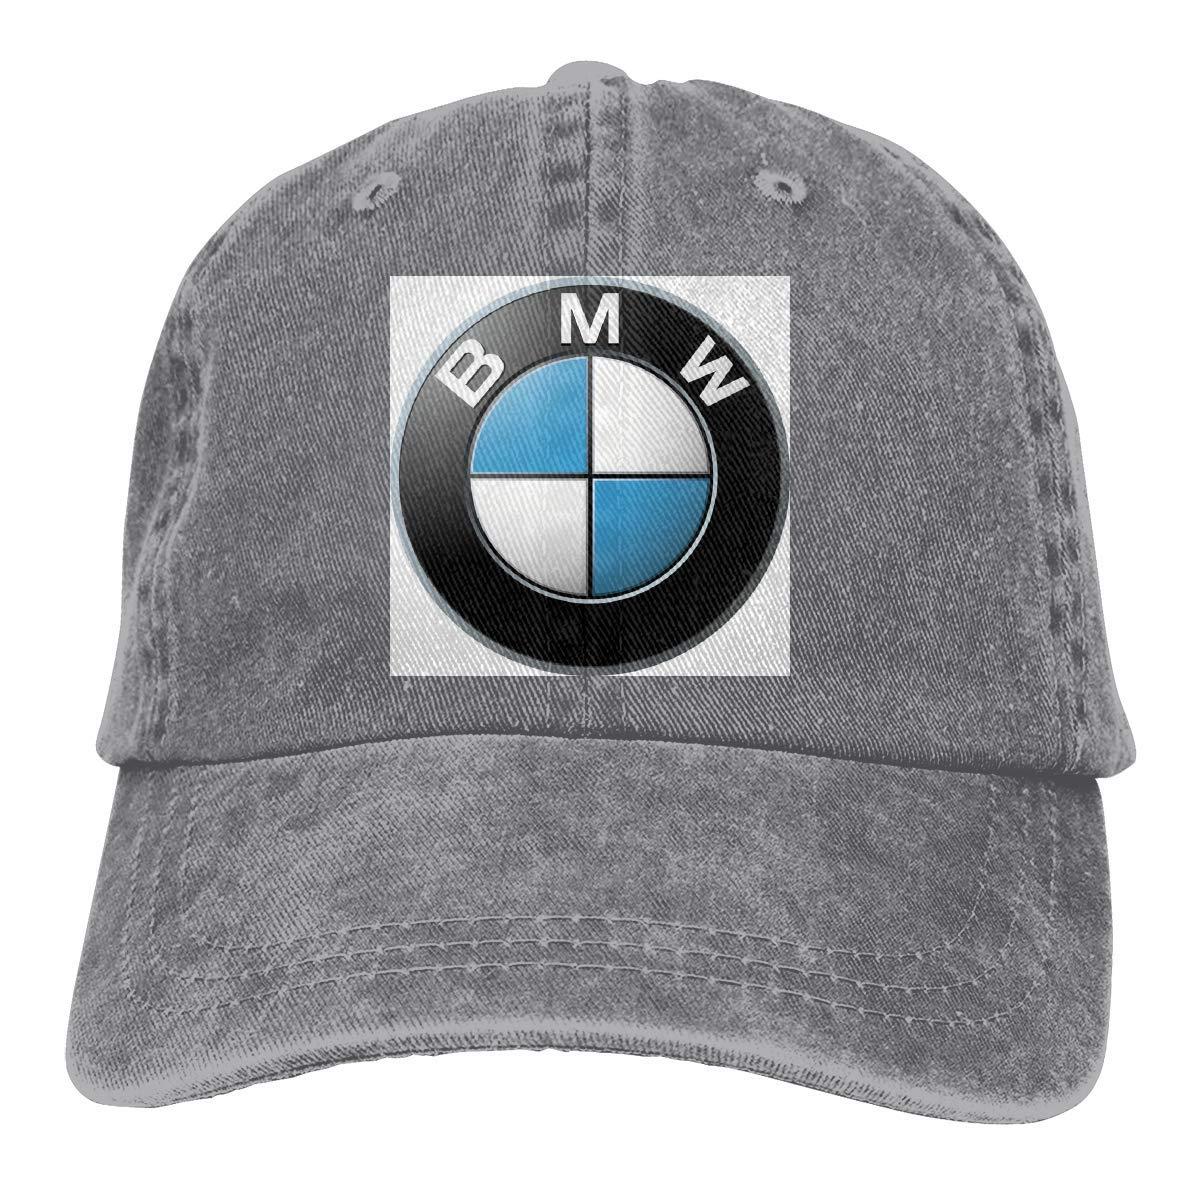 Blue Unisex Vintage Adjustable Casquette Personalized General Motors BMW Logo Fashion Sports cap